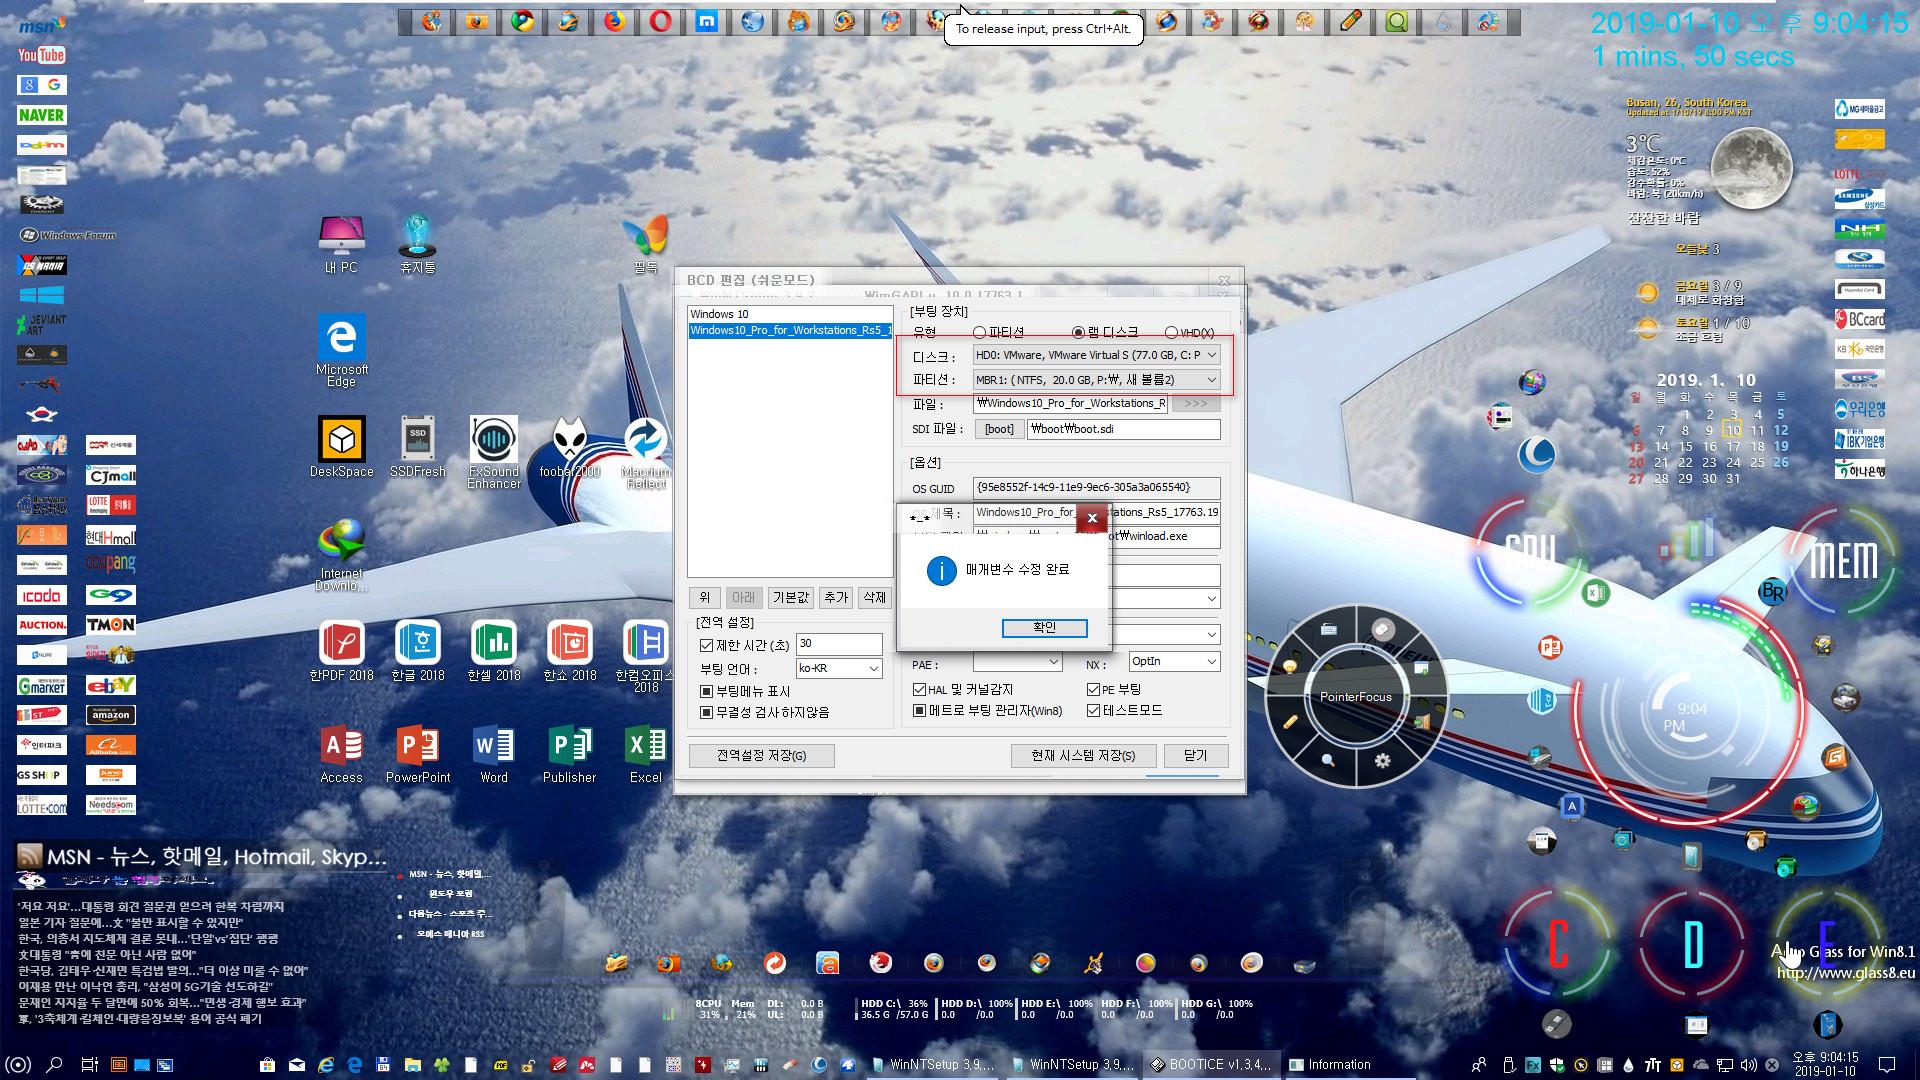 태풍OO님 Win10_Rs5_pArAoTPg35_윈도와PE의프로그램들공유-vhd만들어서vmware에연결 2019-01-10_210416.jpg